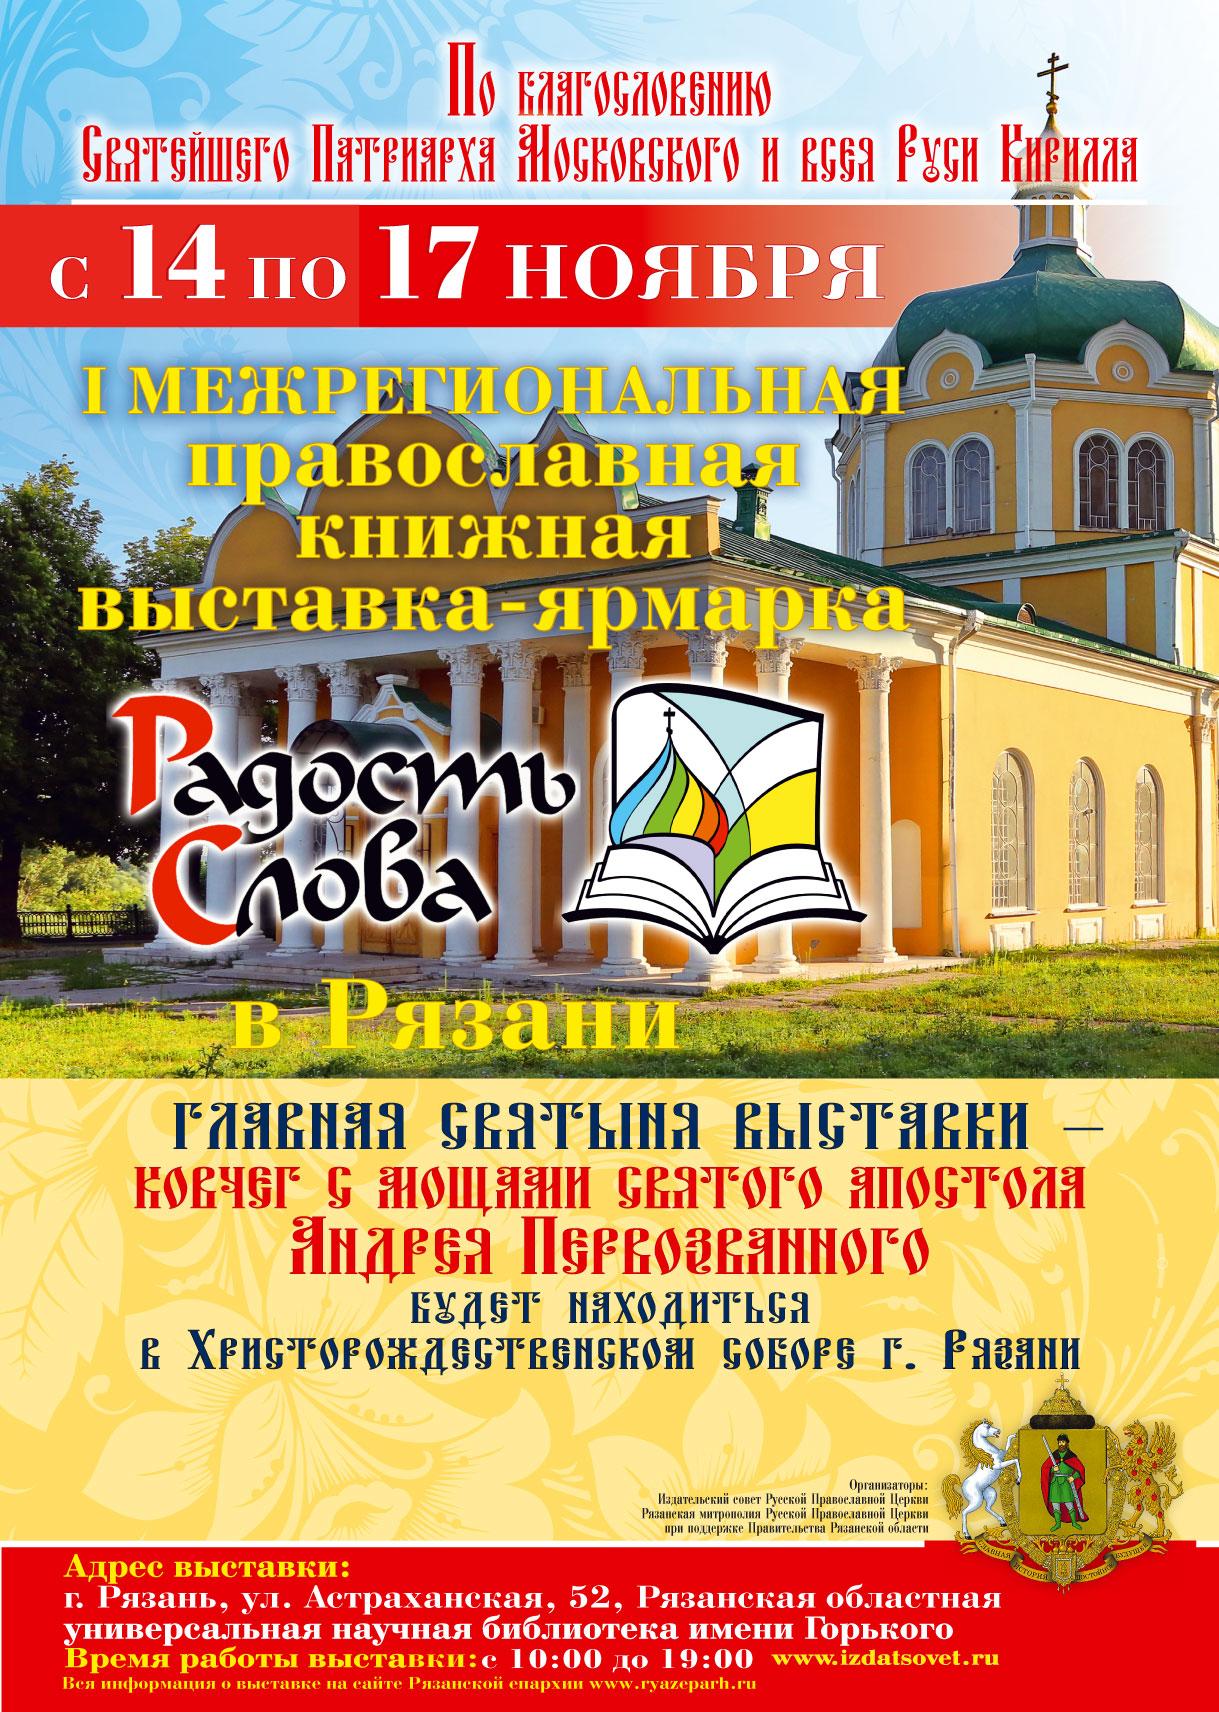 Ярмарка объявления рязань работа доска бесплатных объявлений петрозаводска